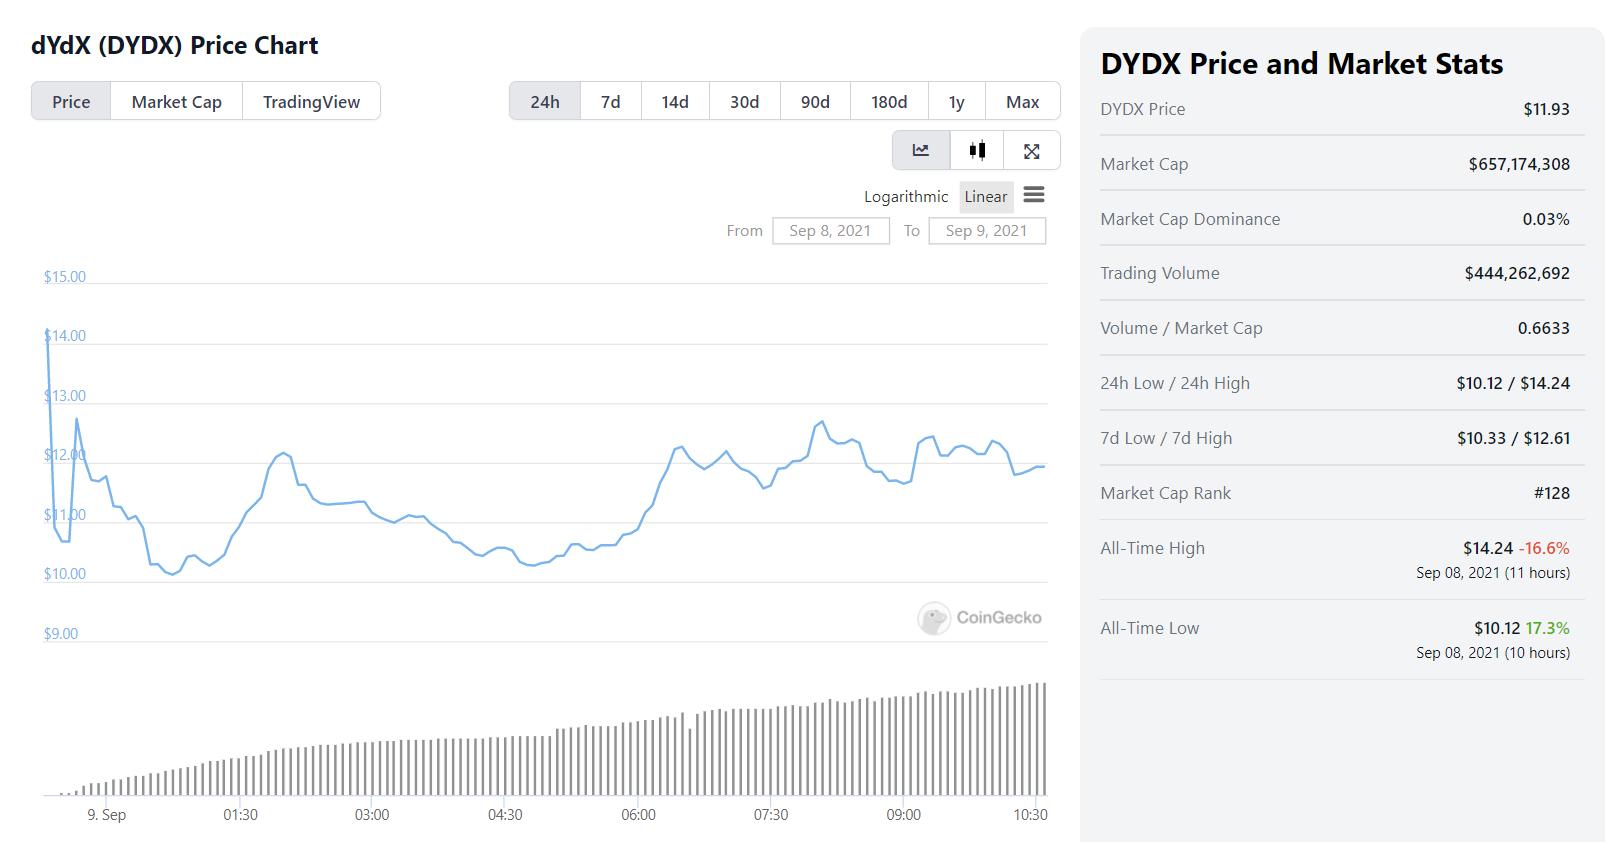 昨晚11点至今,DYDX全网交易量近4.5亿美元